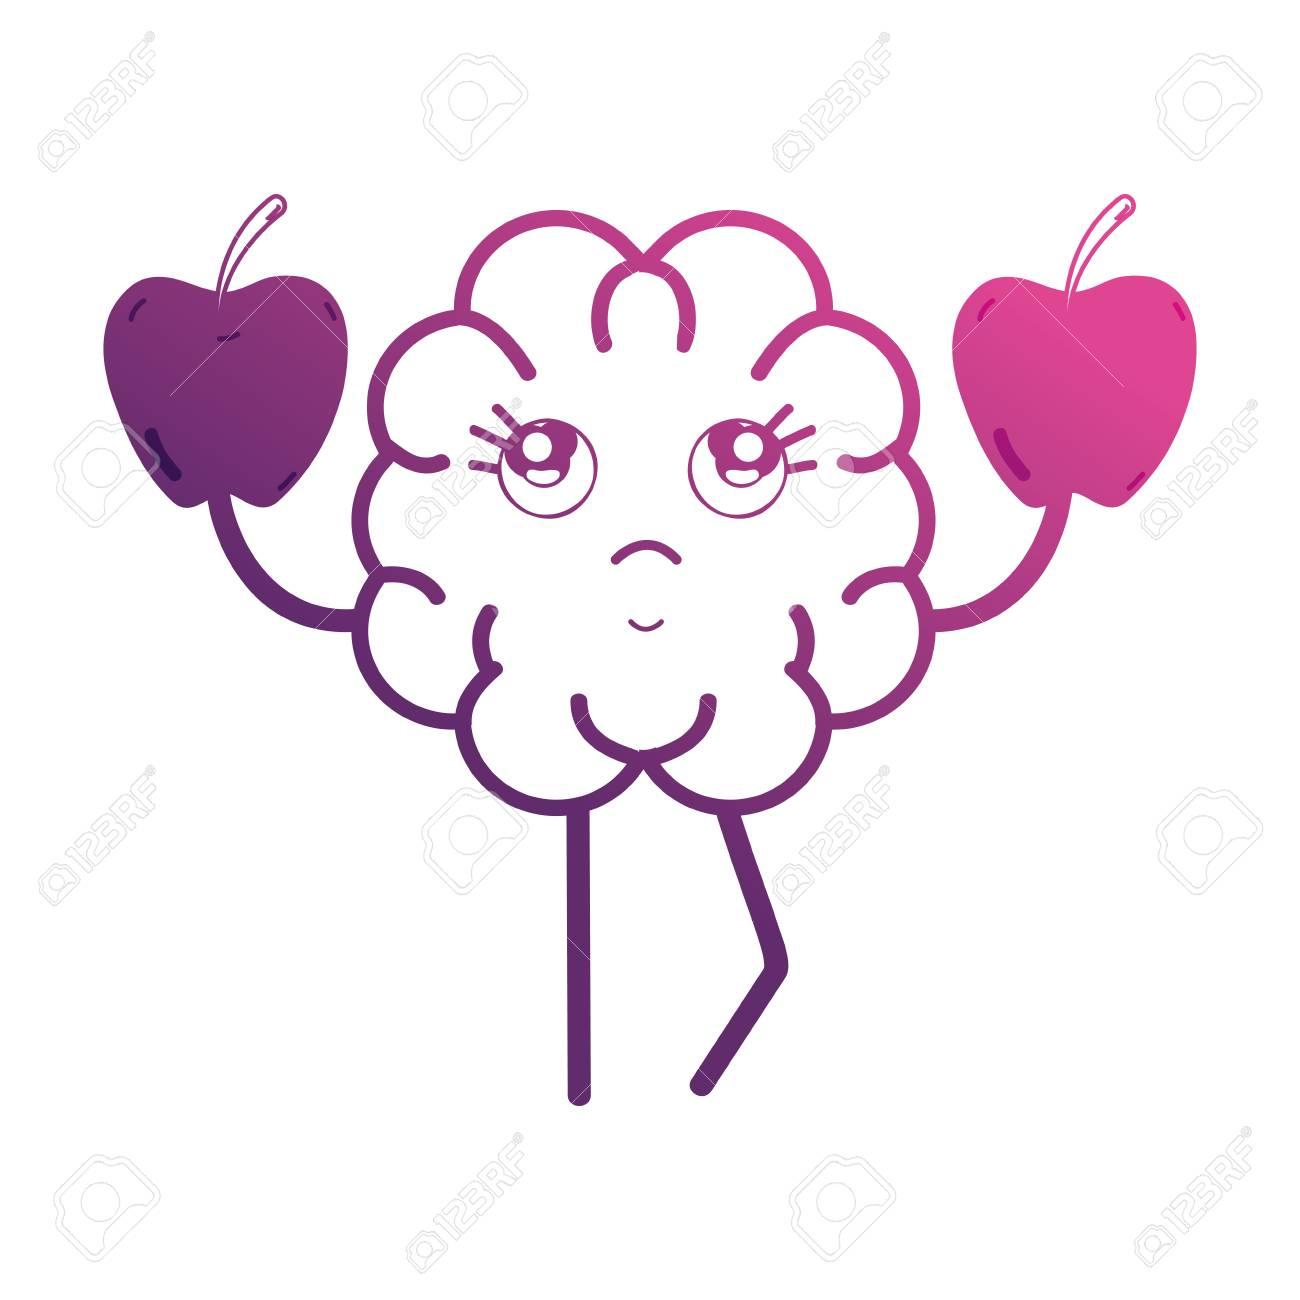 Línea Lindo Cerebro Con Fruta De Manzanas Ilustraciones Vectoriales ...